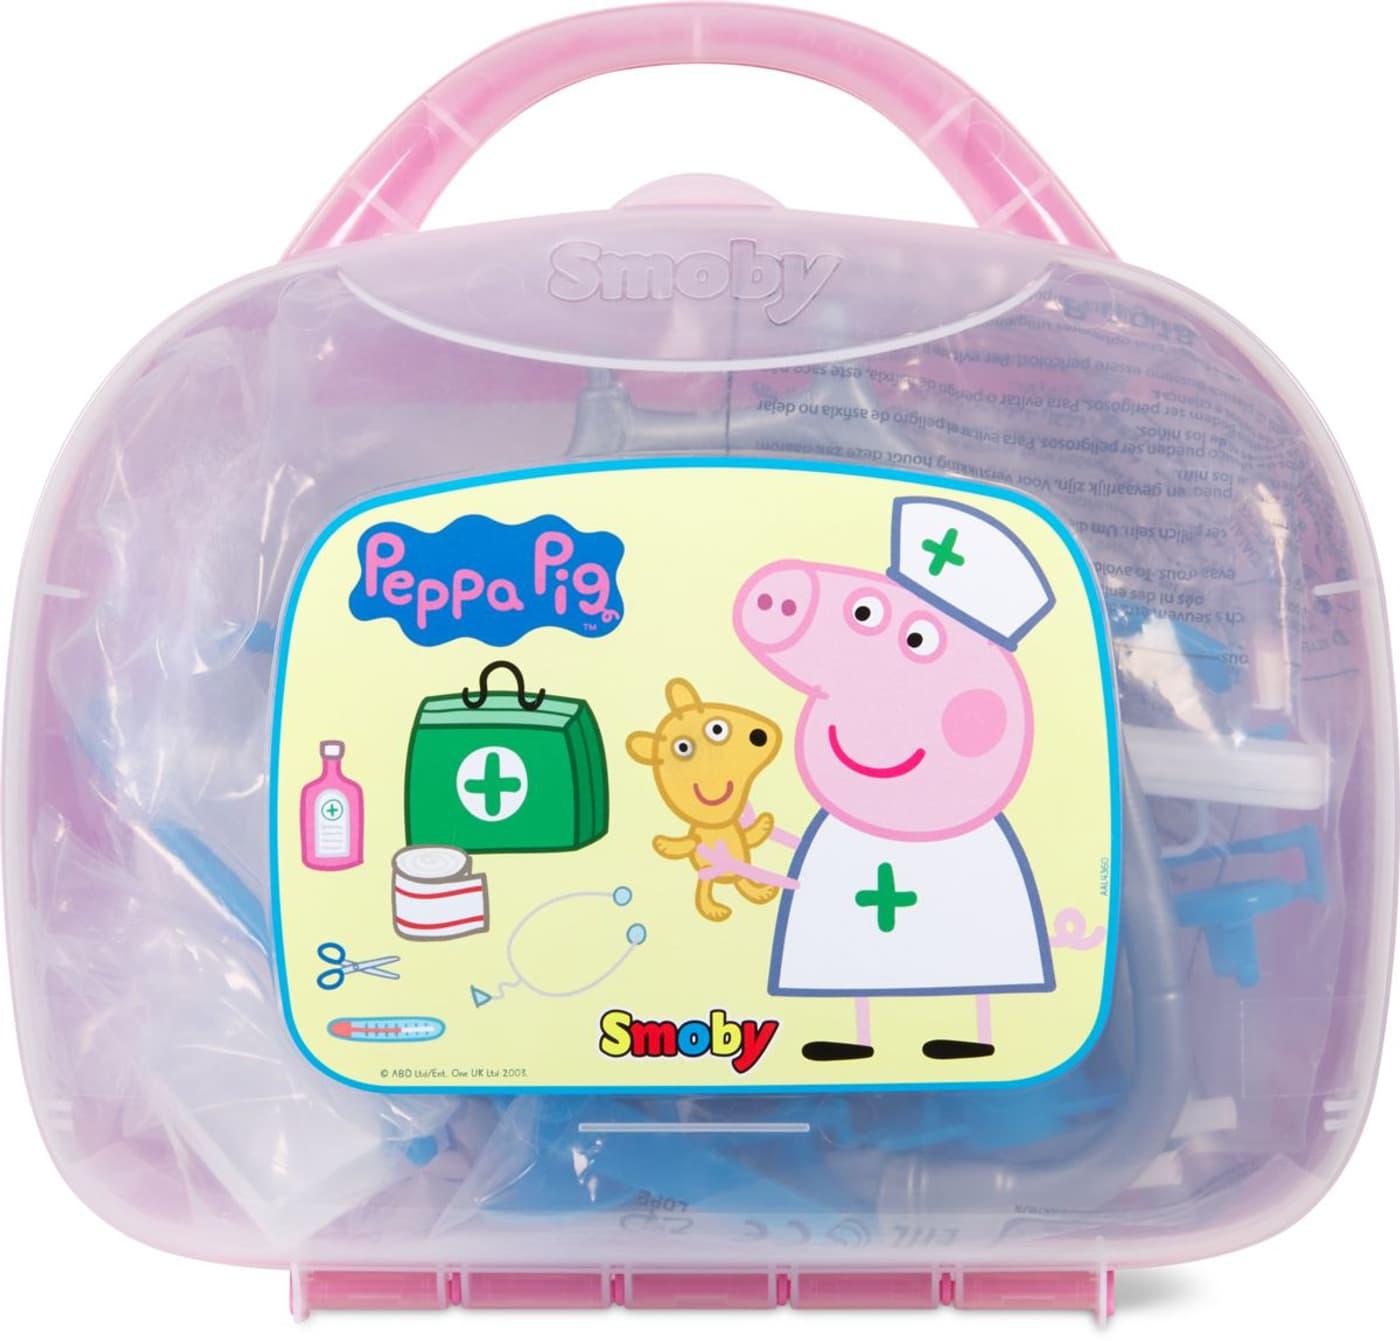 Smoby Peppa Pig Cas Docteur Jeux De Role Migros